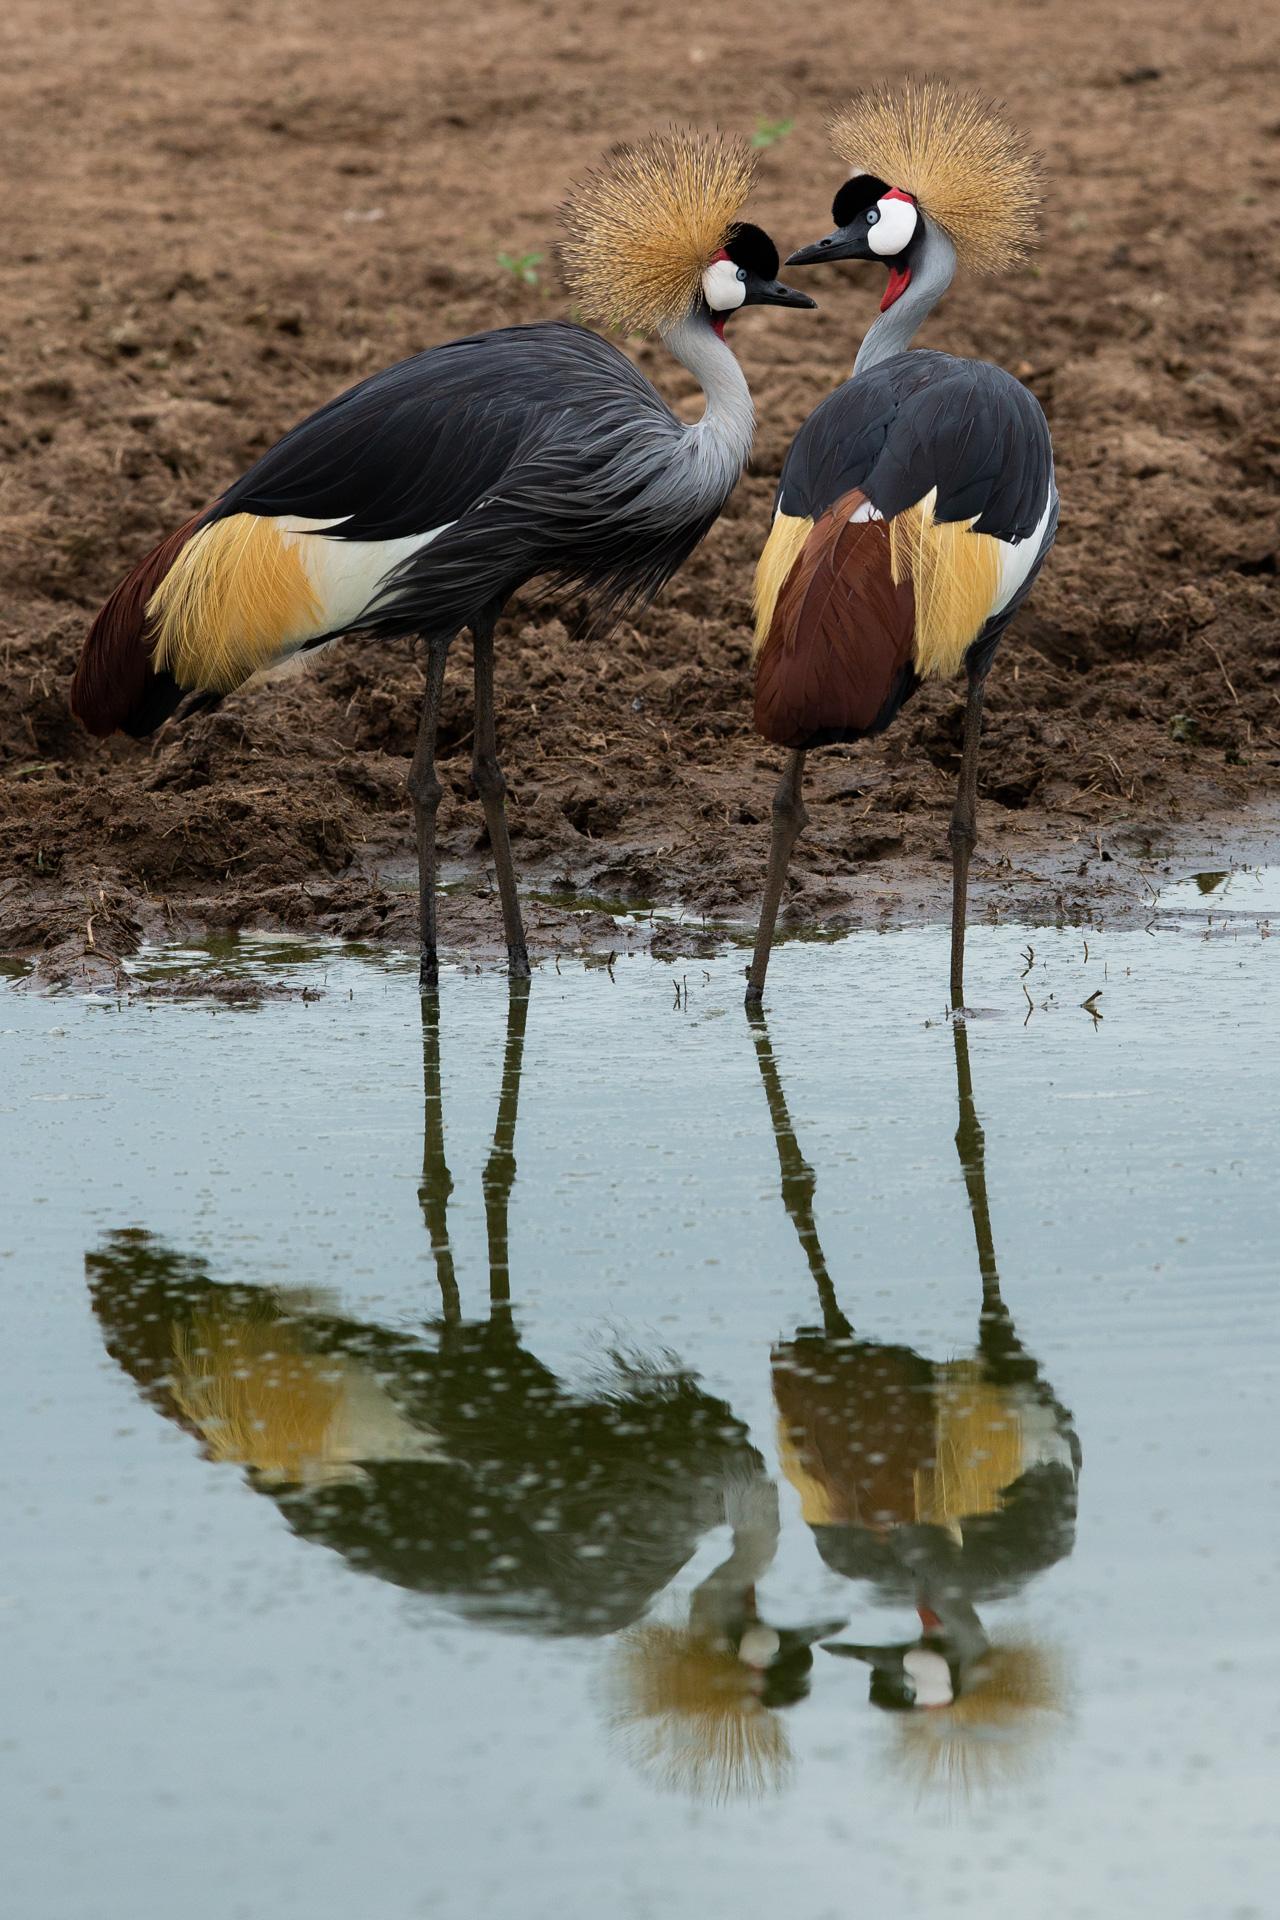 Cranes together